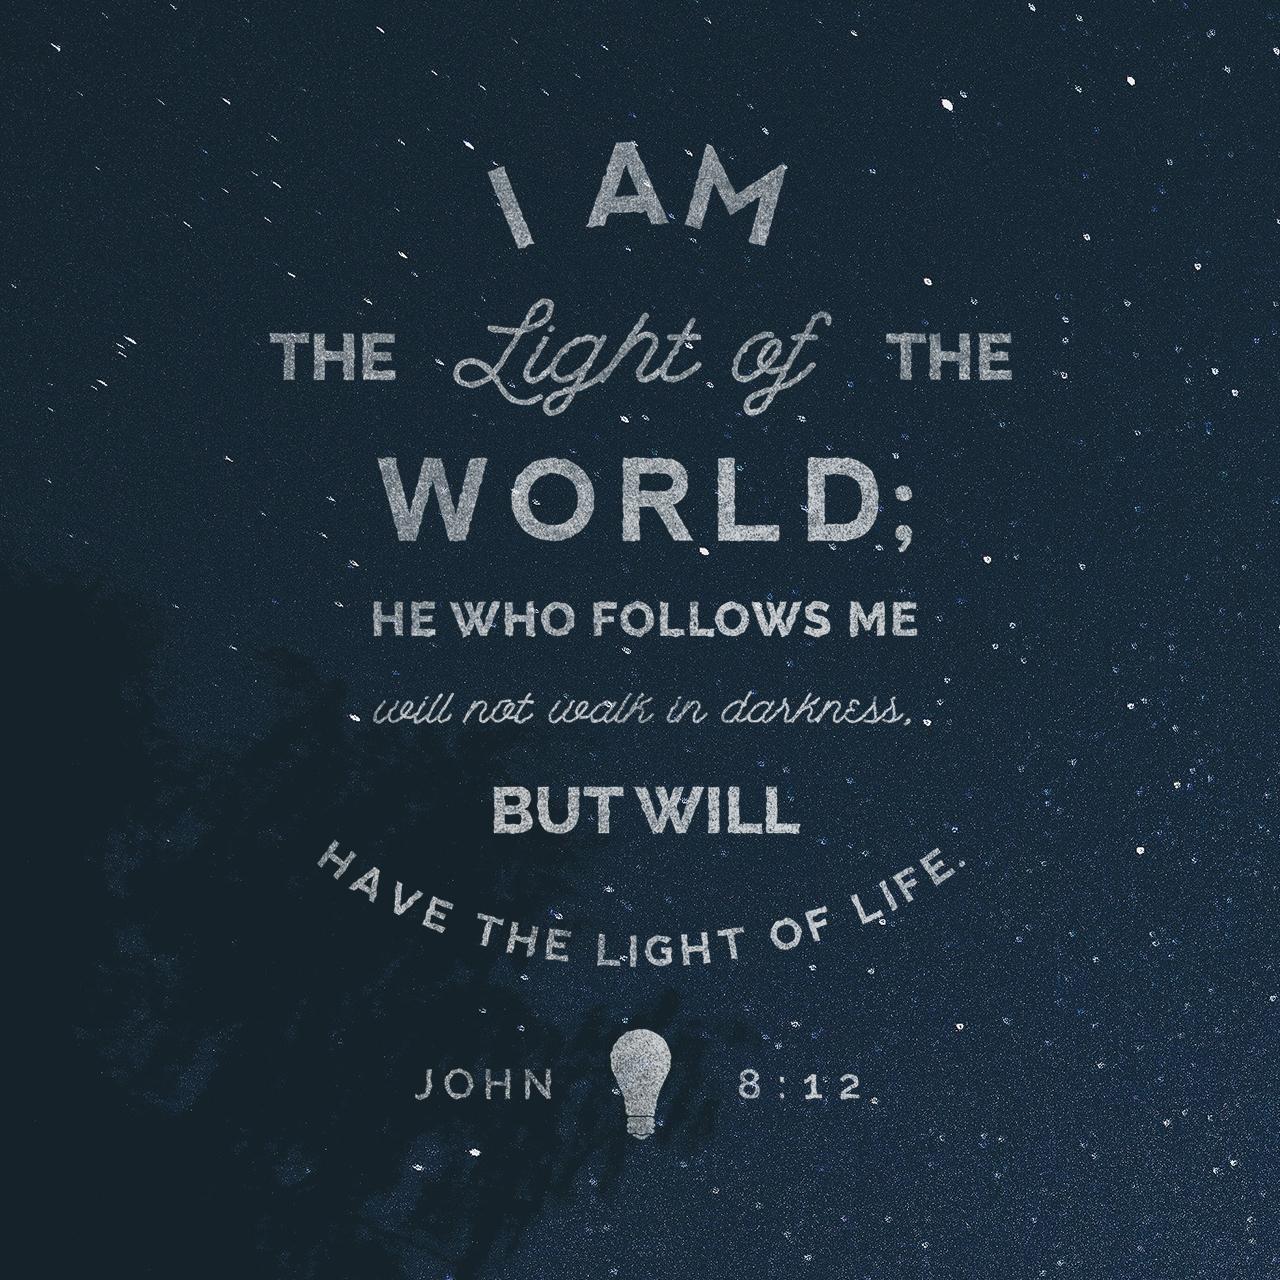 John 8:12 [2]